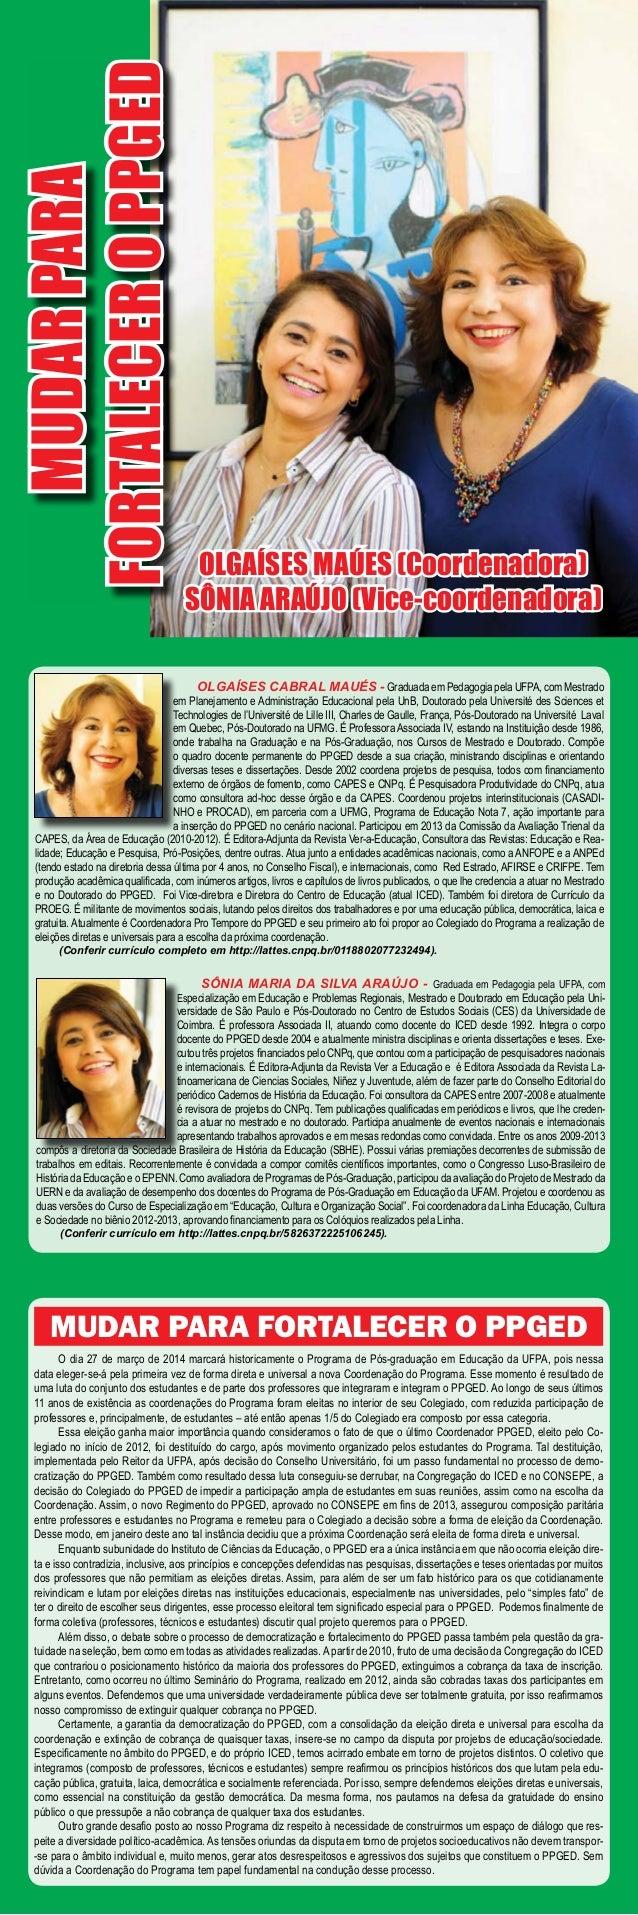 OLGAÍSES CABRAL MAUÉS - Graduada em Pedagogia pela UFPA, com Mestrado em Planejamento e Administração Educacional pela UnB...